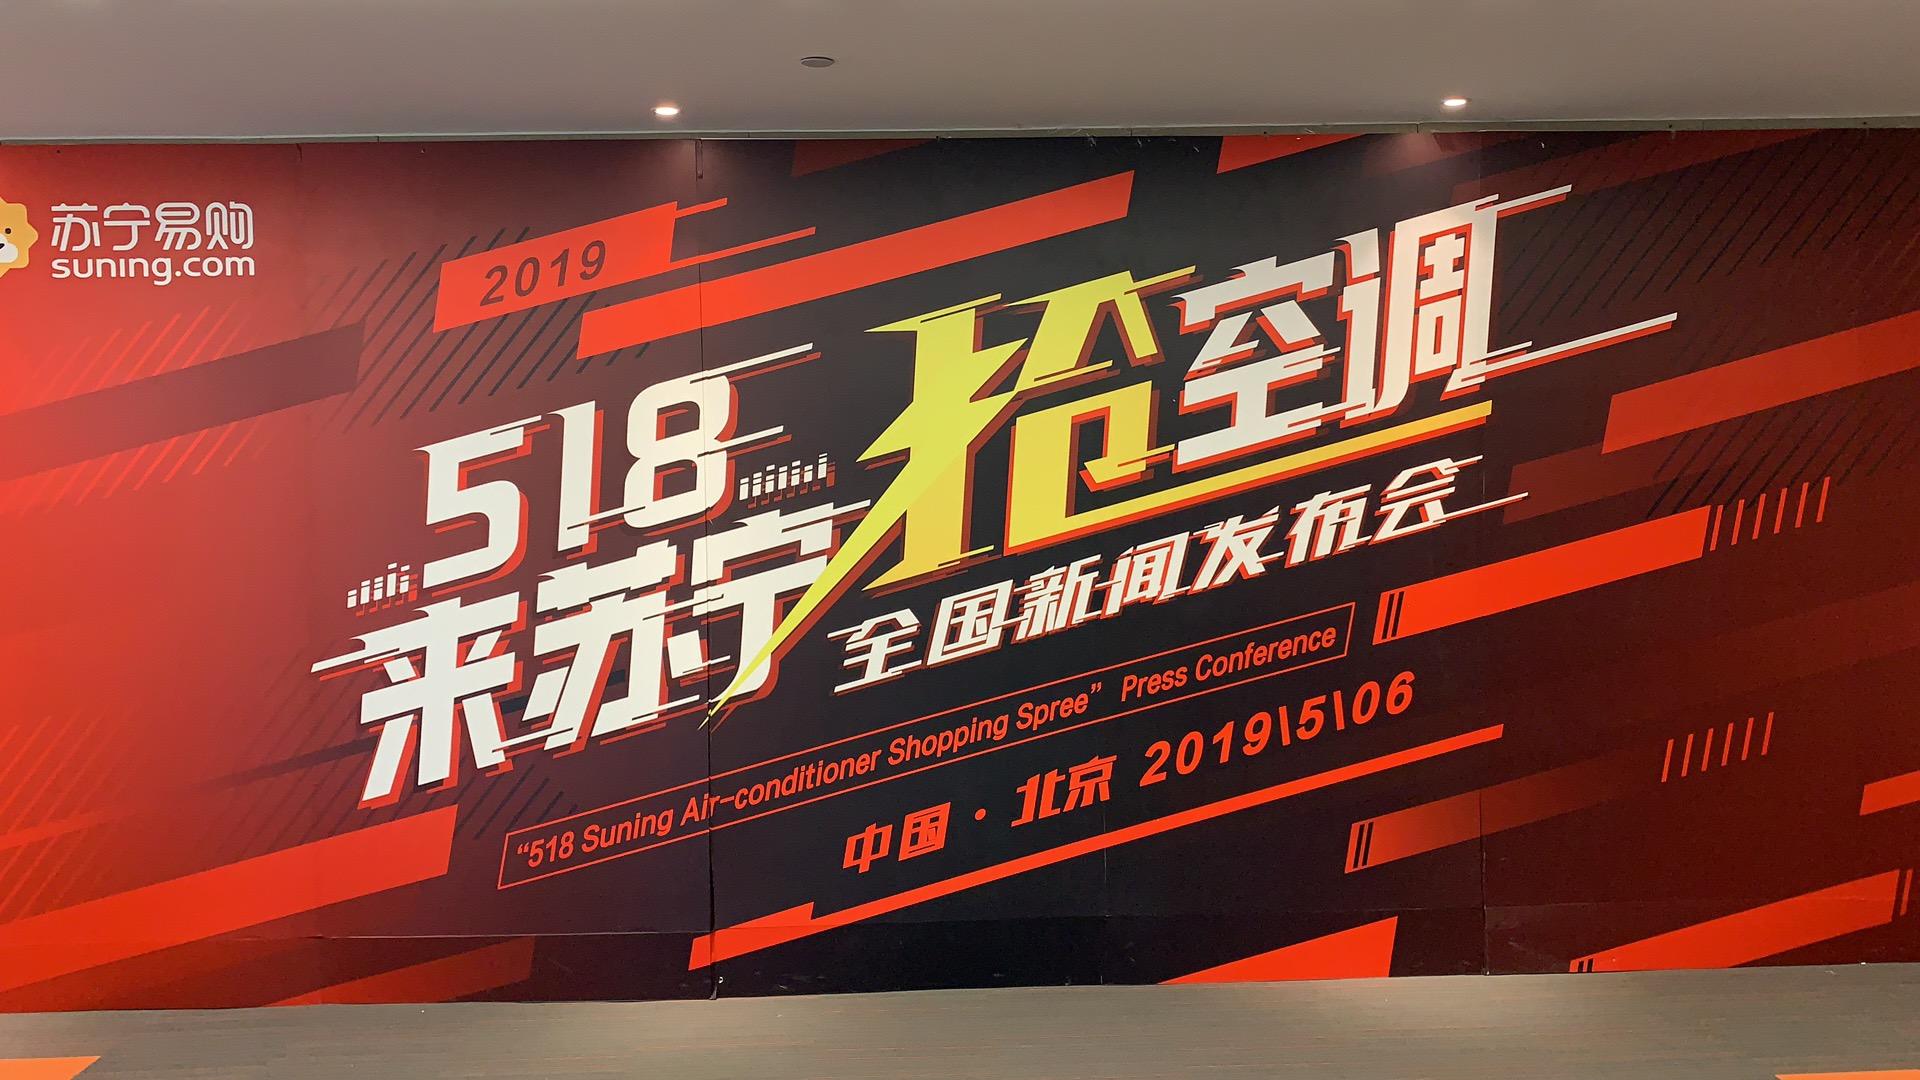 苏宁启动518抢空调活动 服务标准再度升级